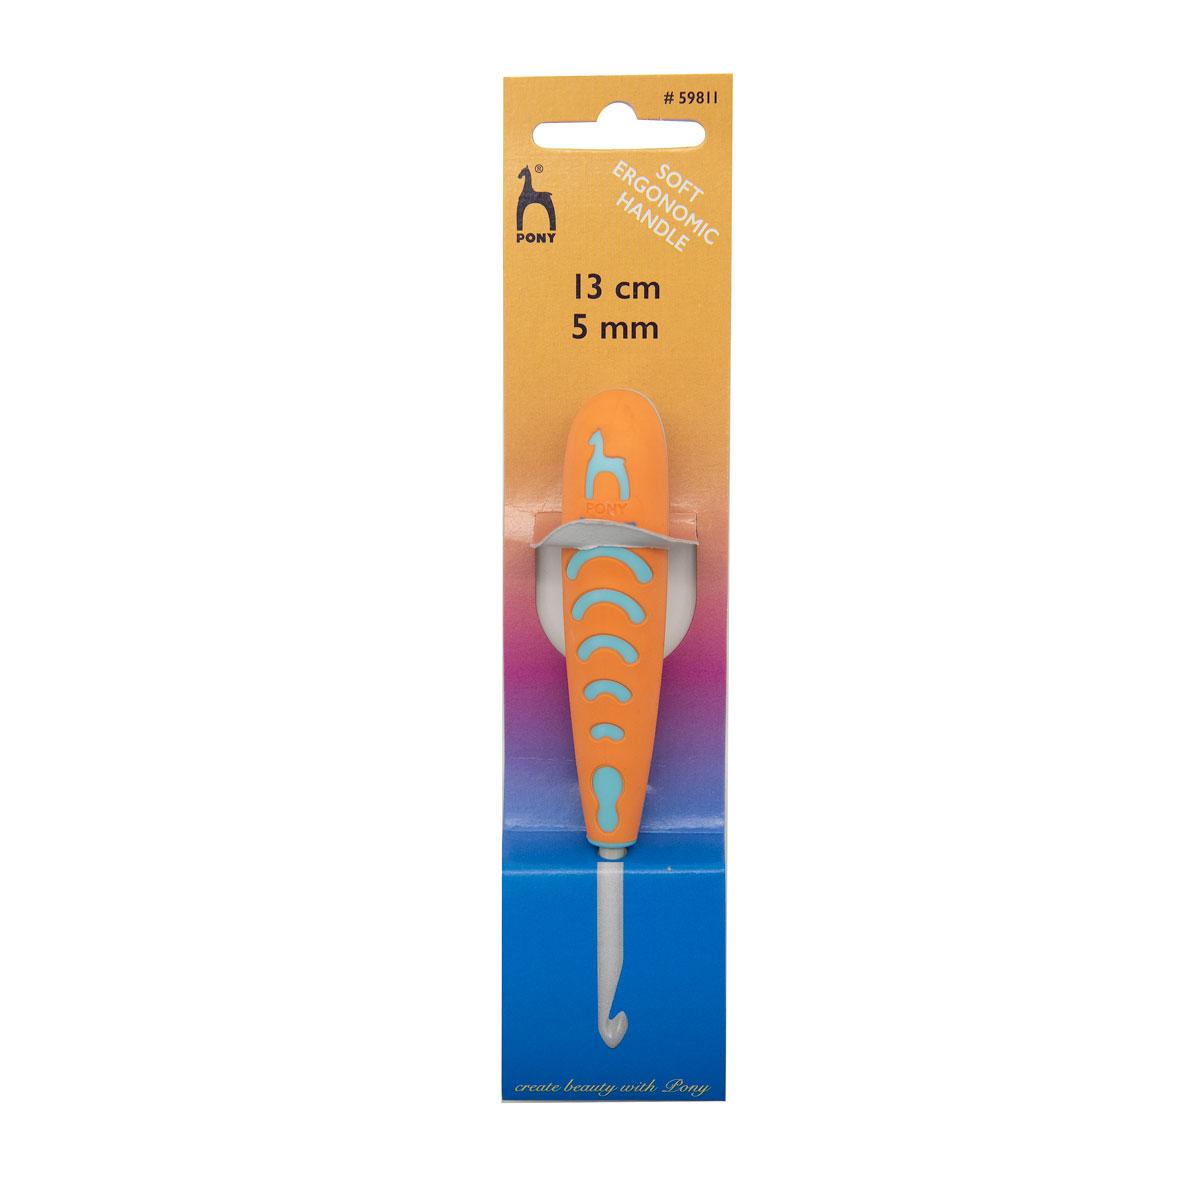 59811 Крючок вязальный 5,00мм*13см, алюм., с эргономичной ручкой PONY